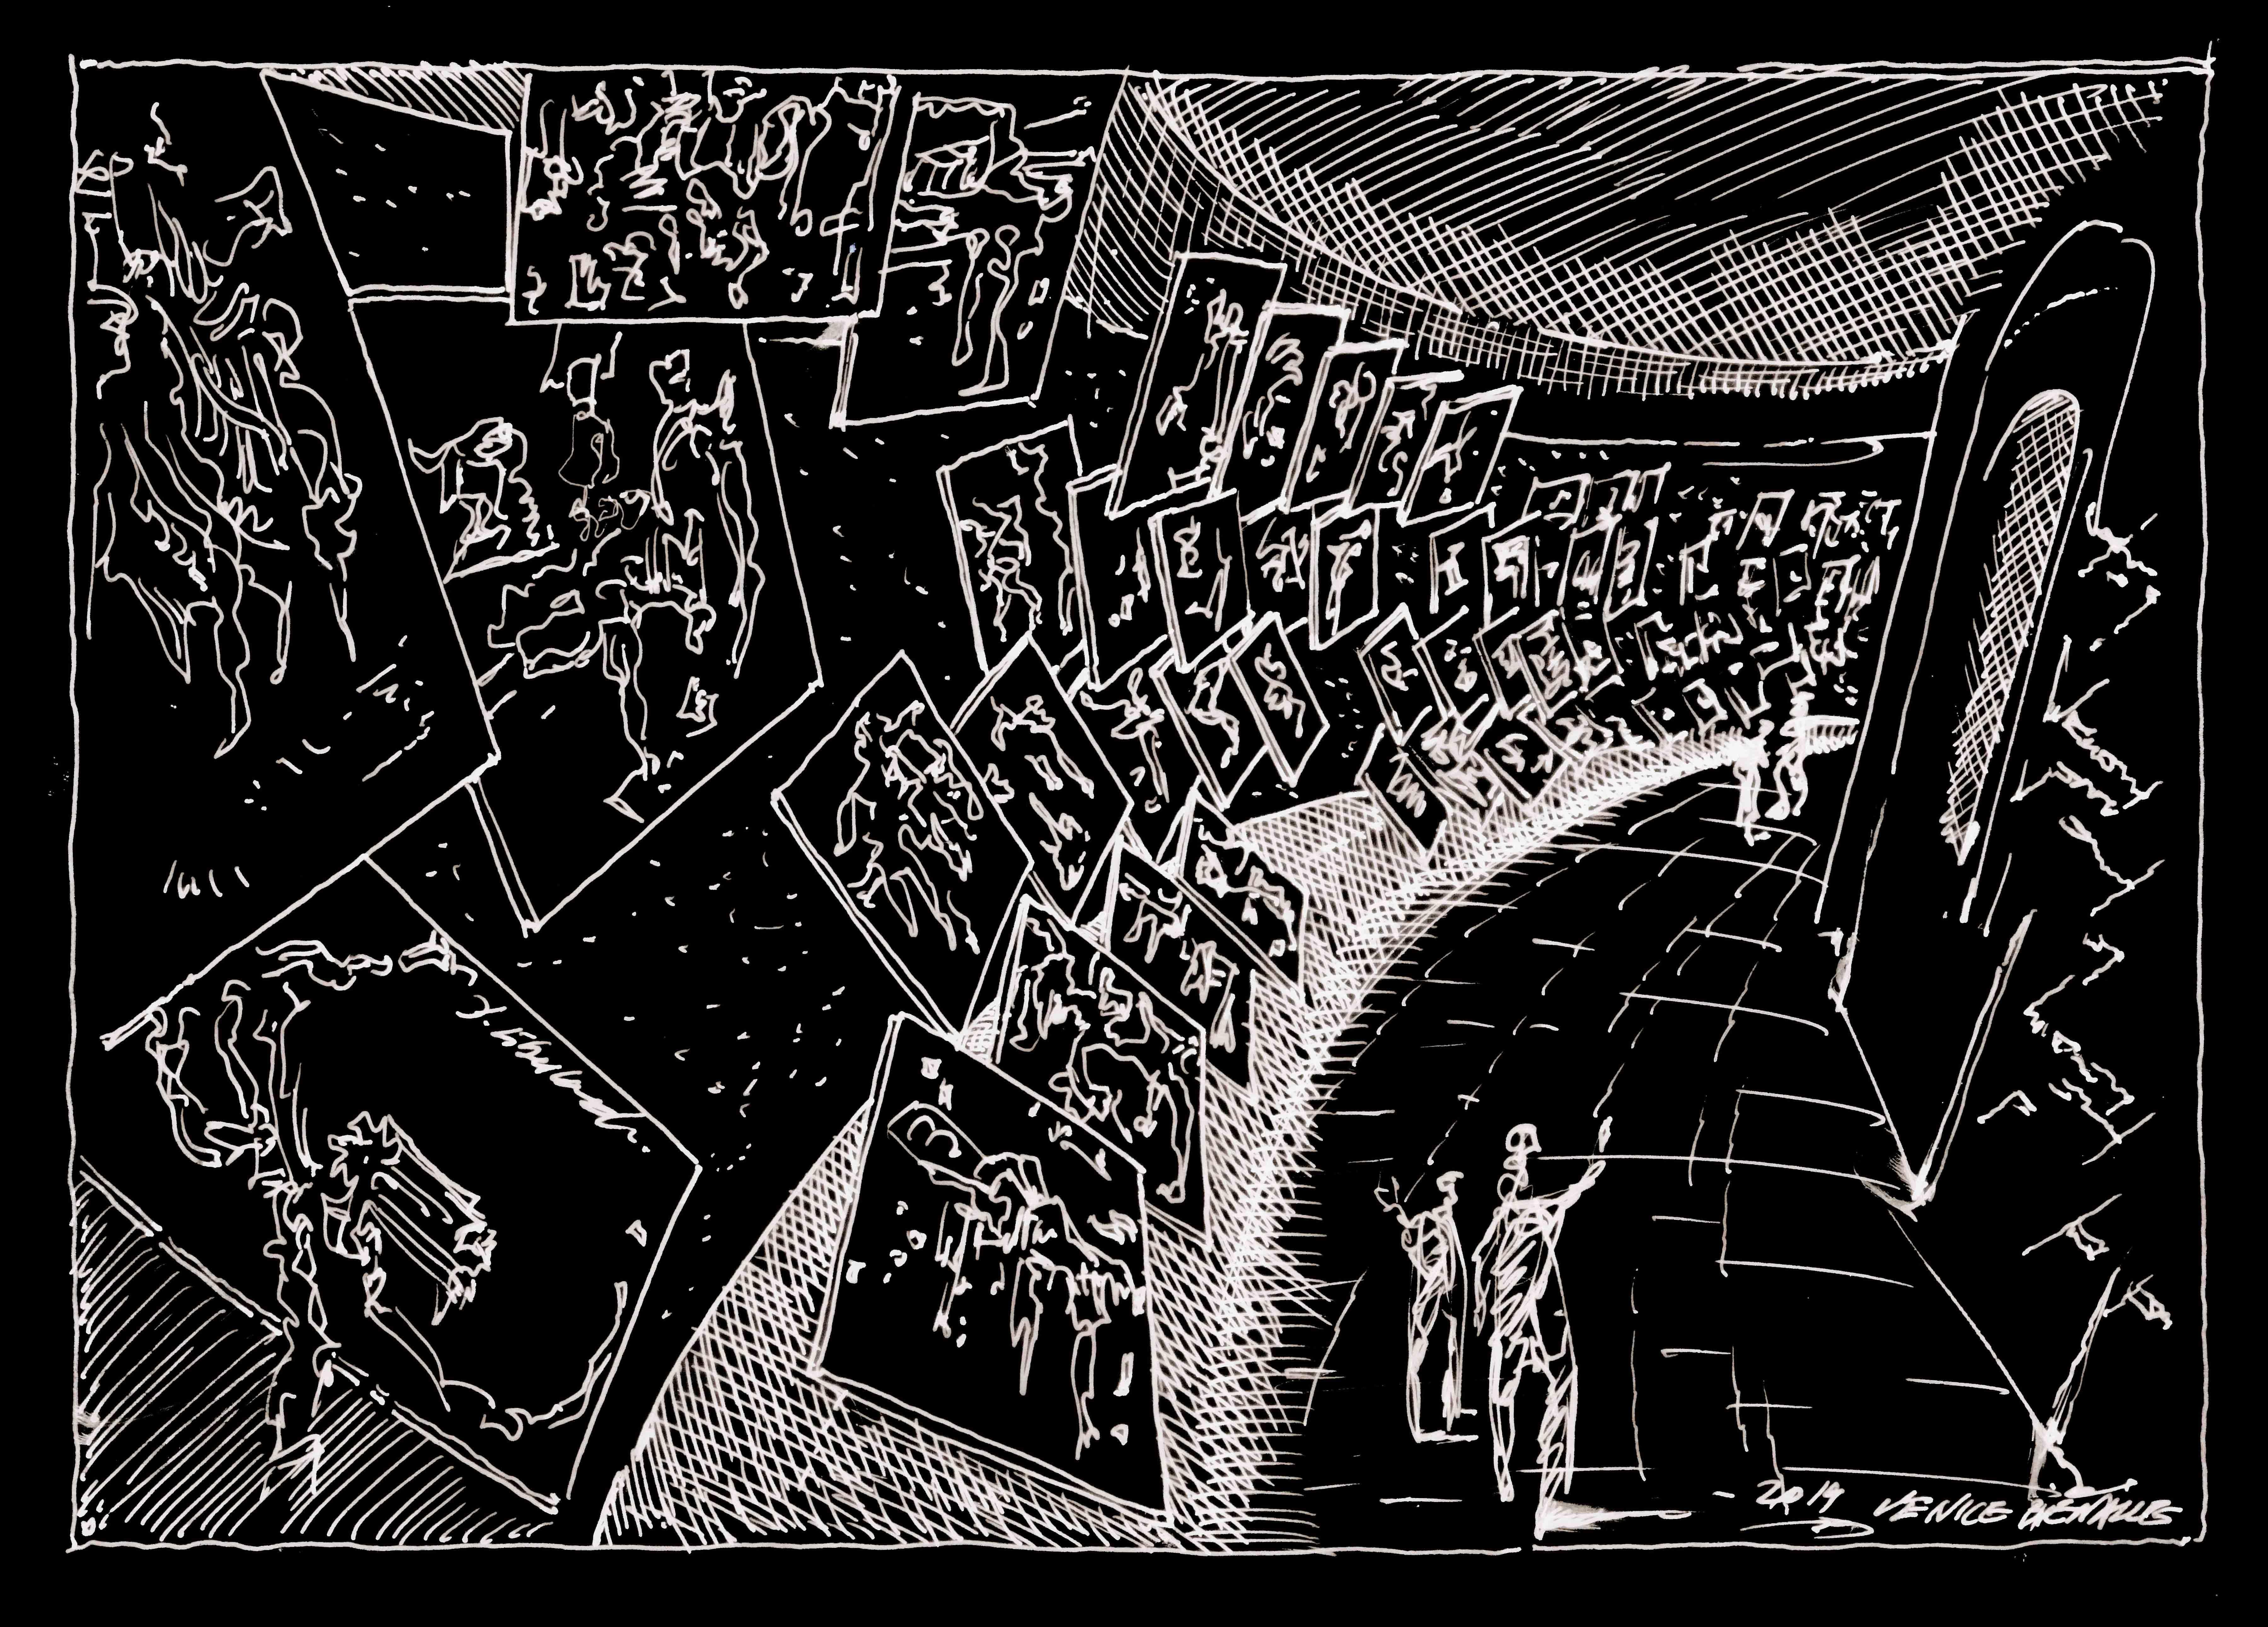 Cento disegni di Libeskind nel Padiglione Venezia